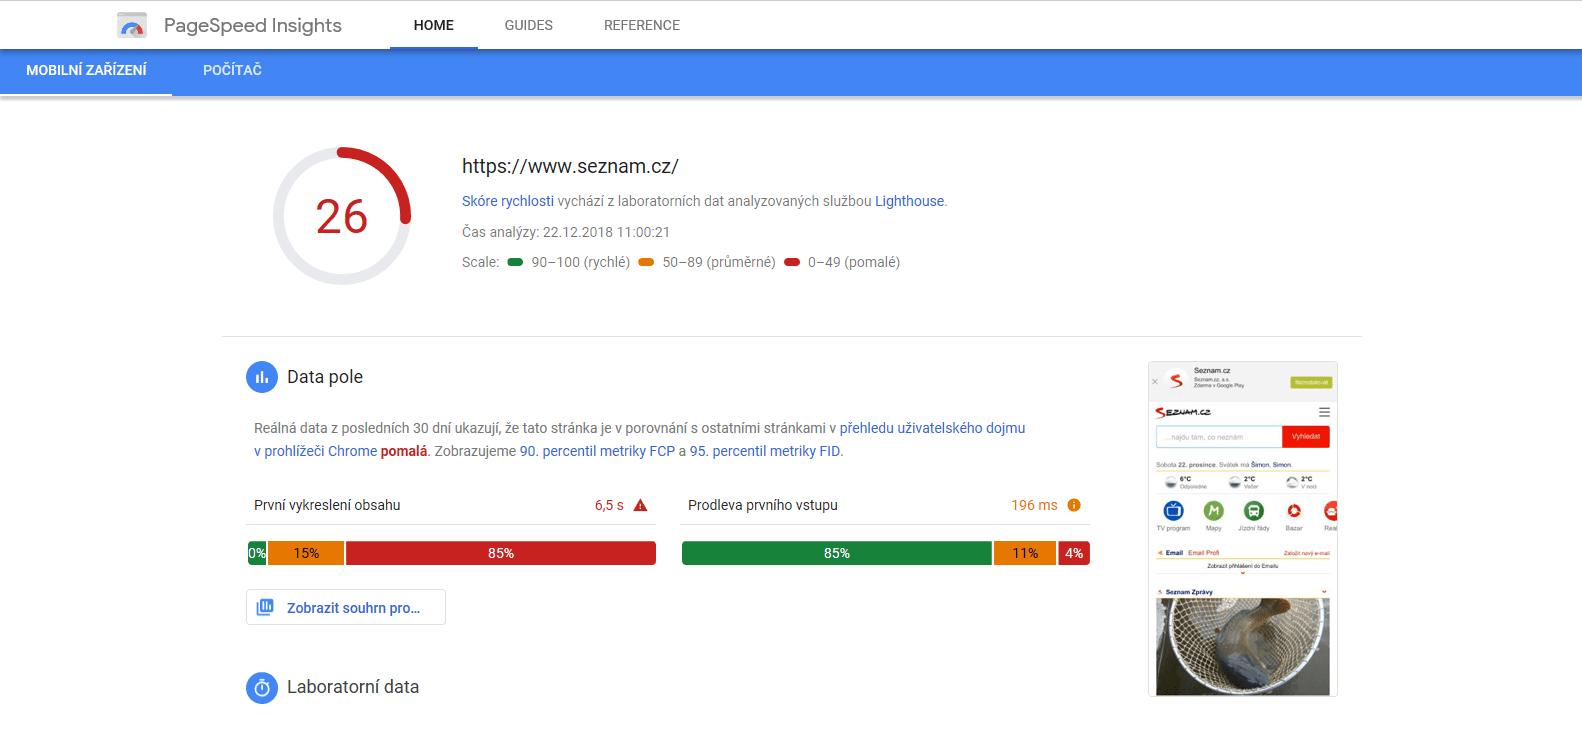 Analýza přizpůsobení stránky Seznam.cz pro mobilní telefony nástrojem PageSpeed Insights